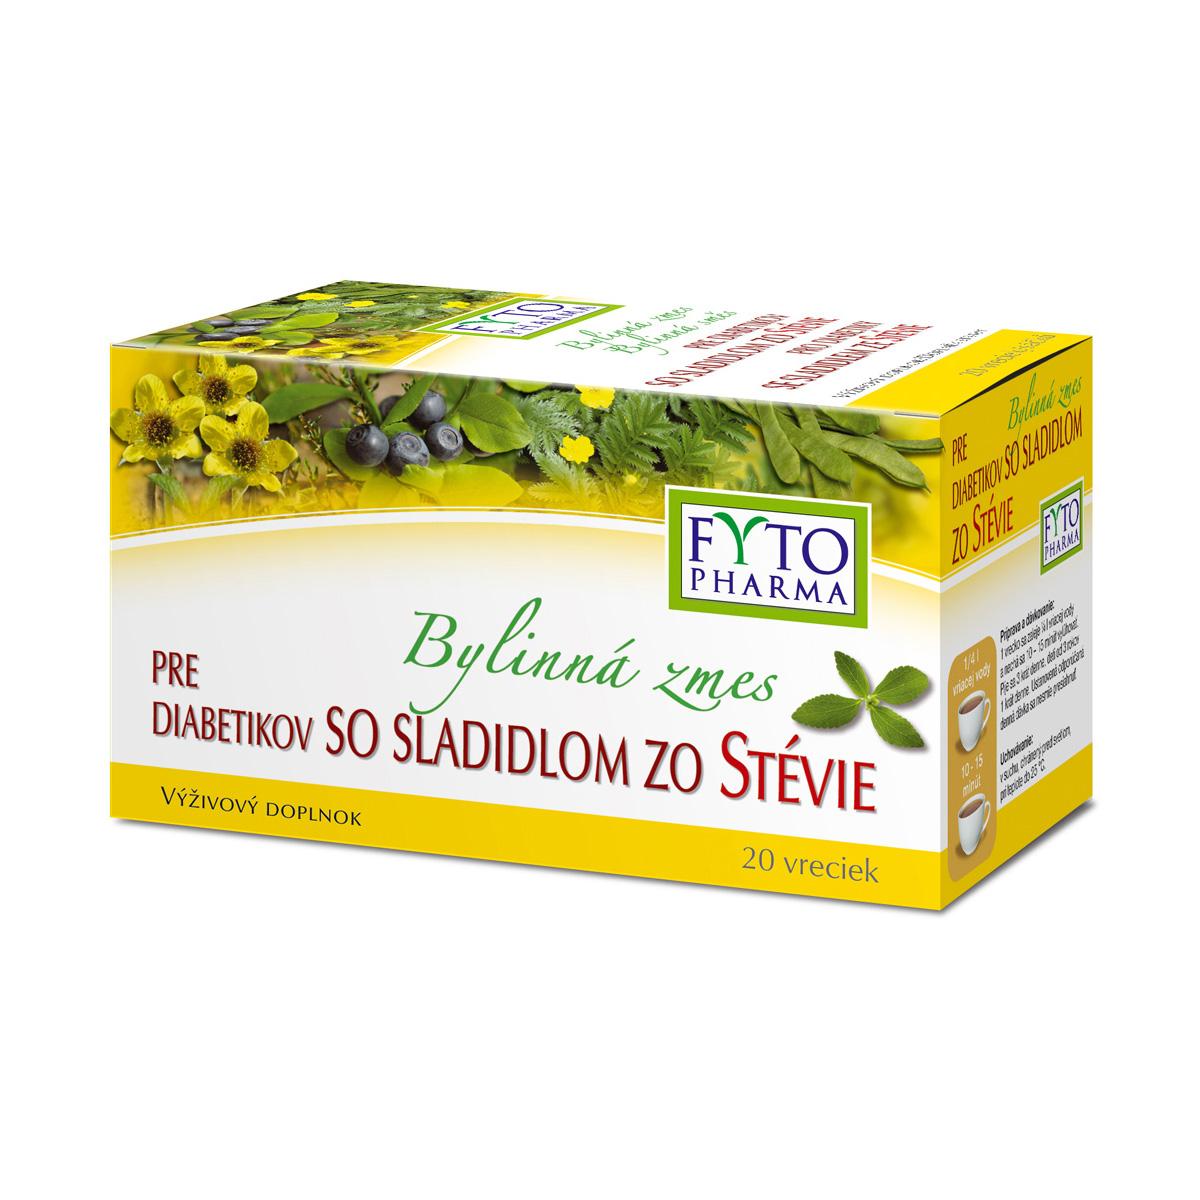 Fytopharma Bylinná směs pro diabetiky se sladidlem ze stévie 20 x 1,5 g